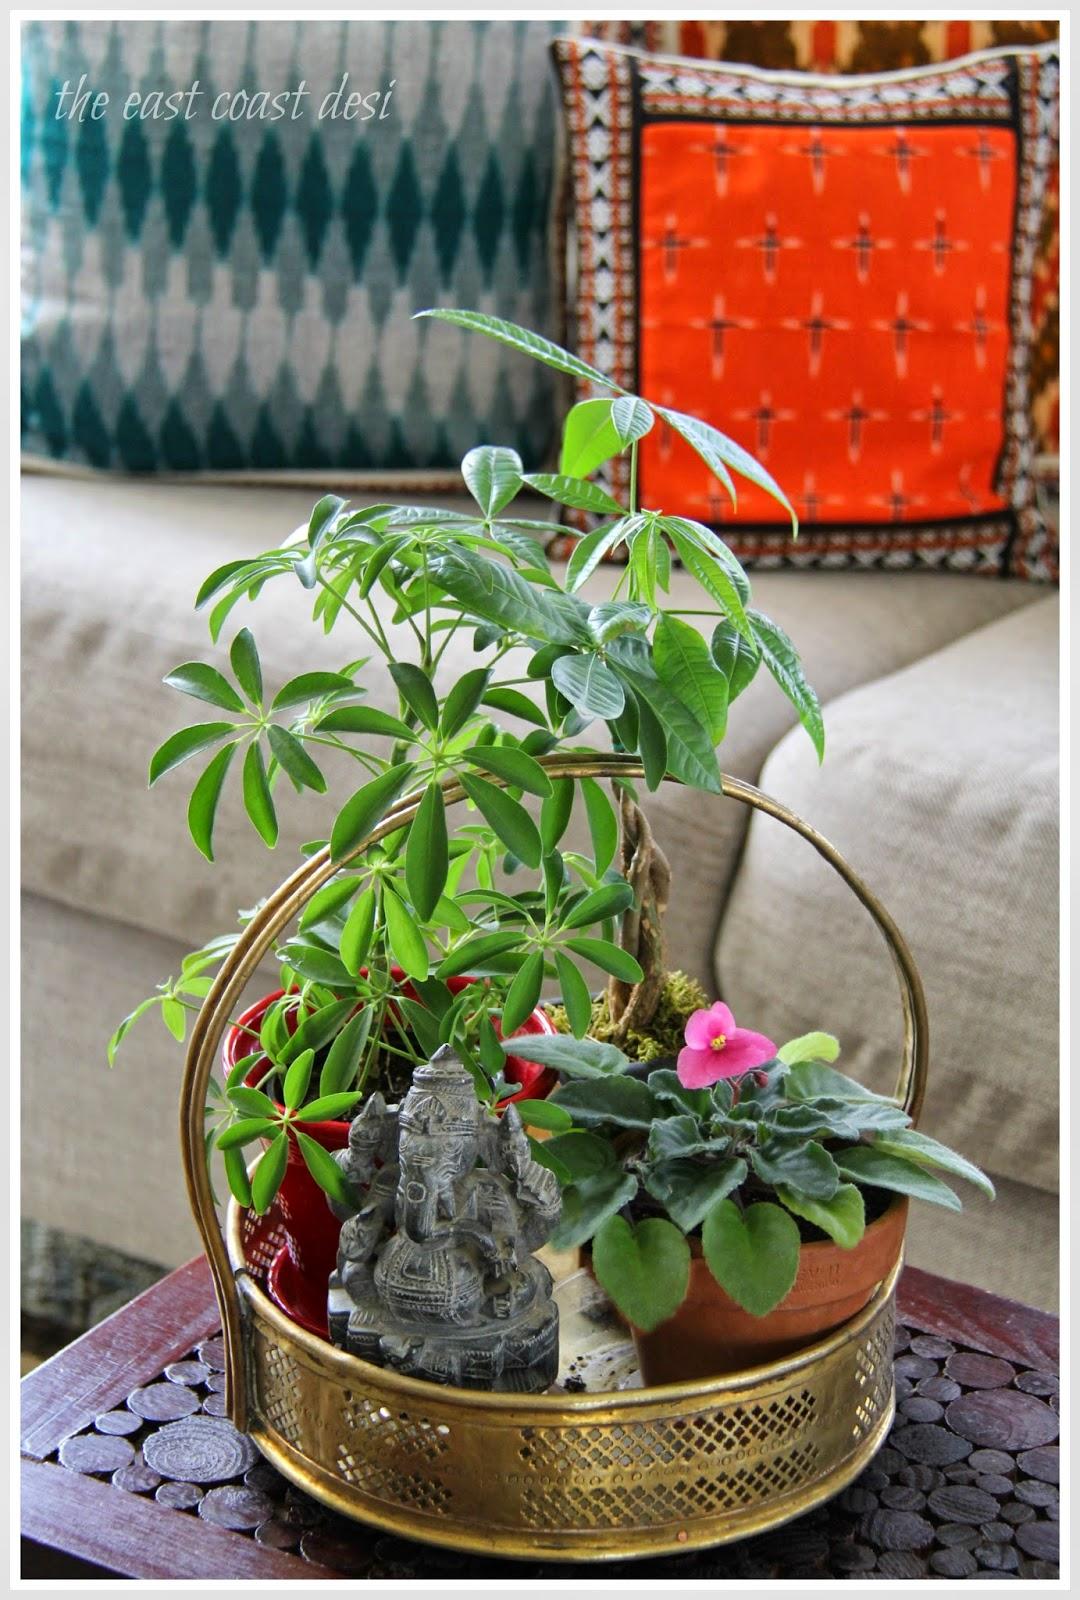 The East Coast Desi: My Portable Indoor Garden Oasis